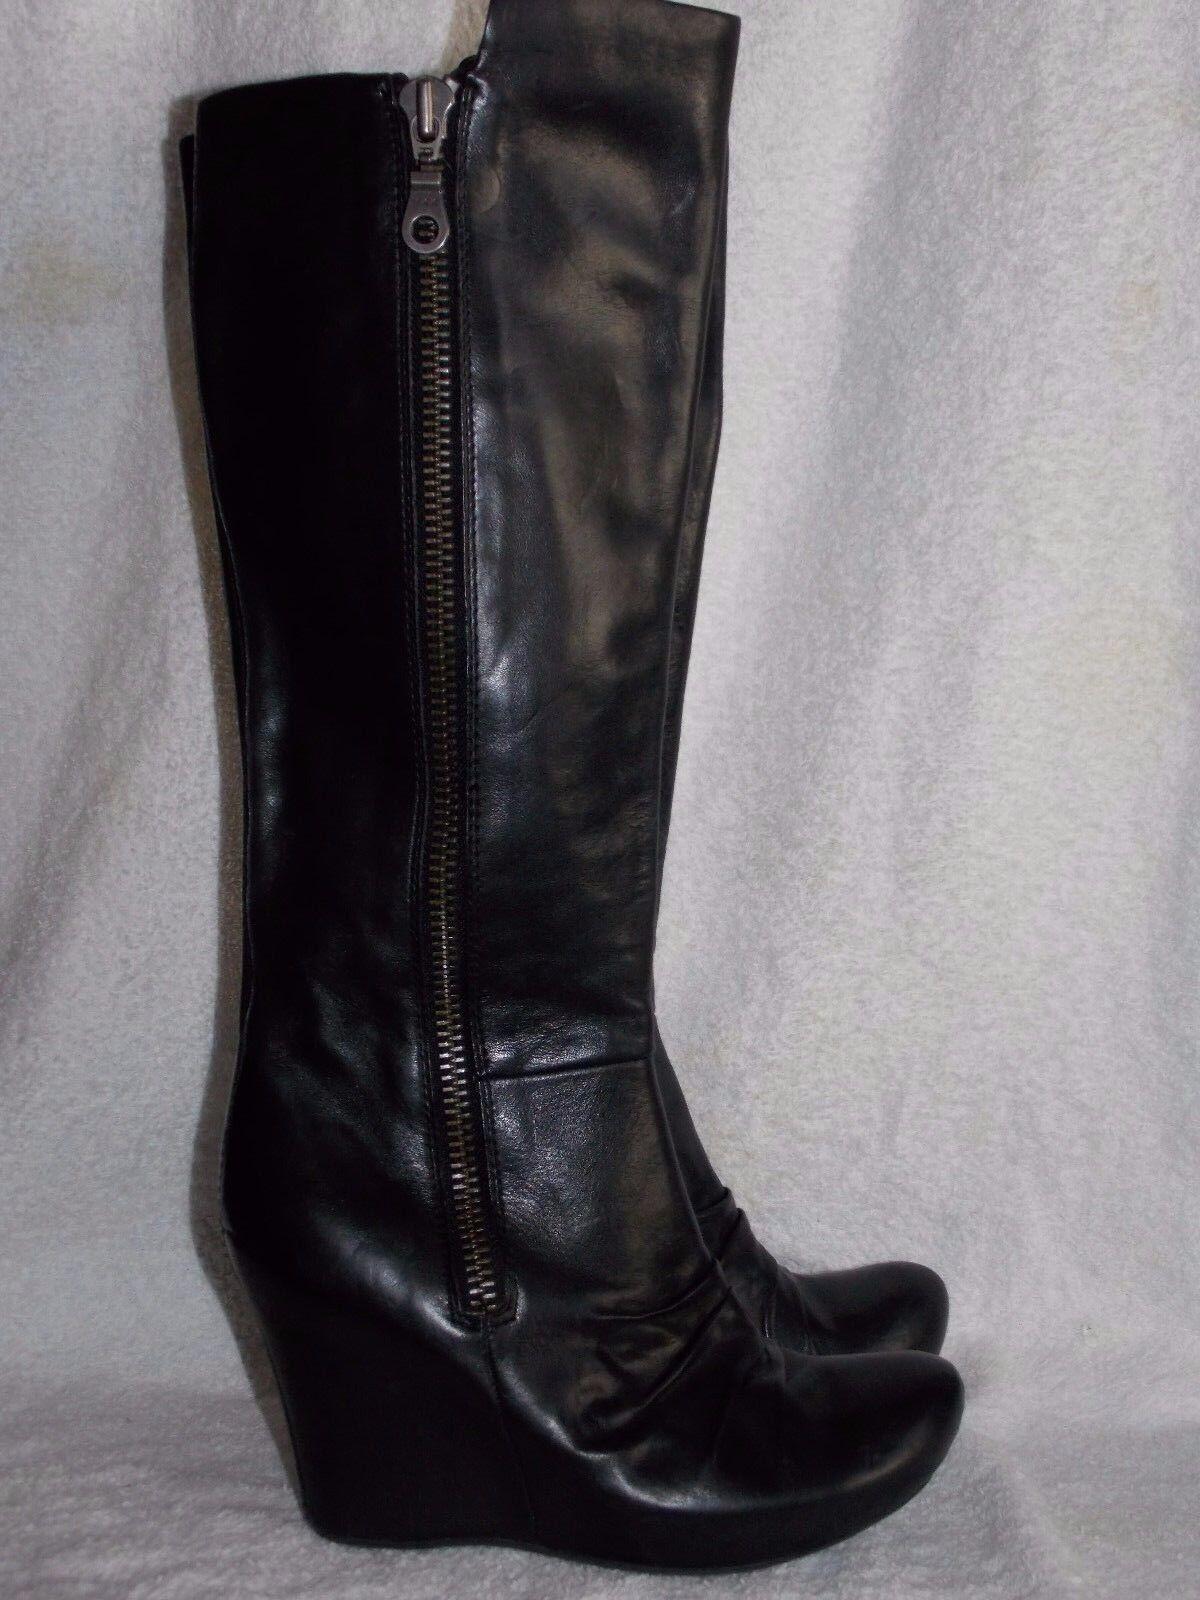 Cremallera YKK YKK YKK cuña de cuero liso la rodilla botas altas 7.5 para mujeres Usado  con 60% de descuento